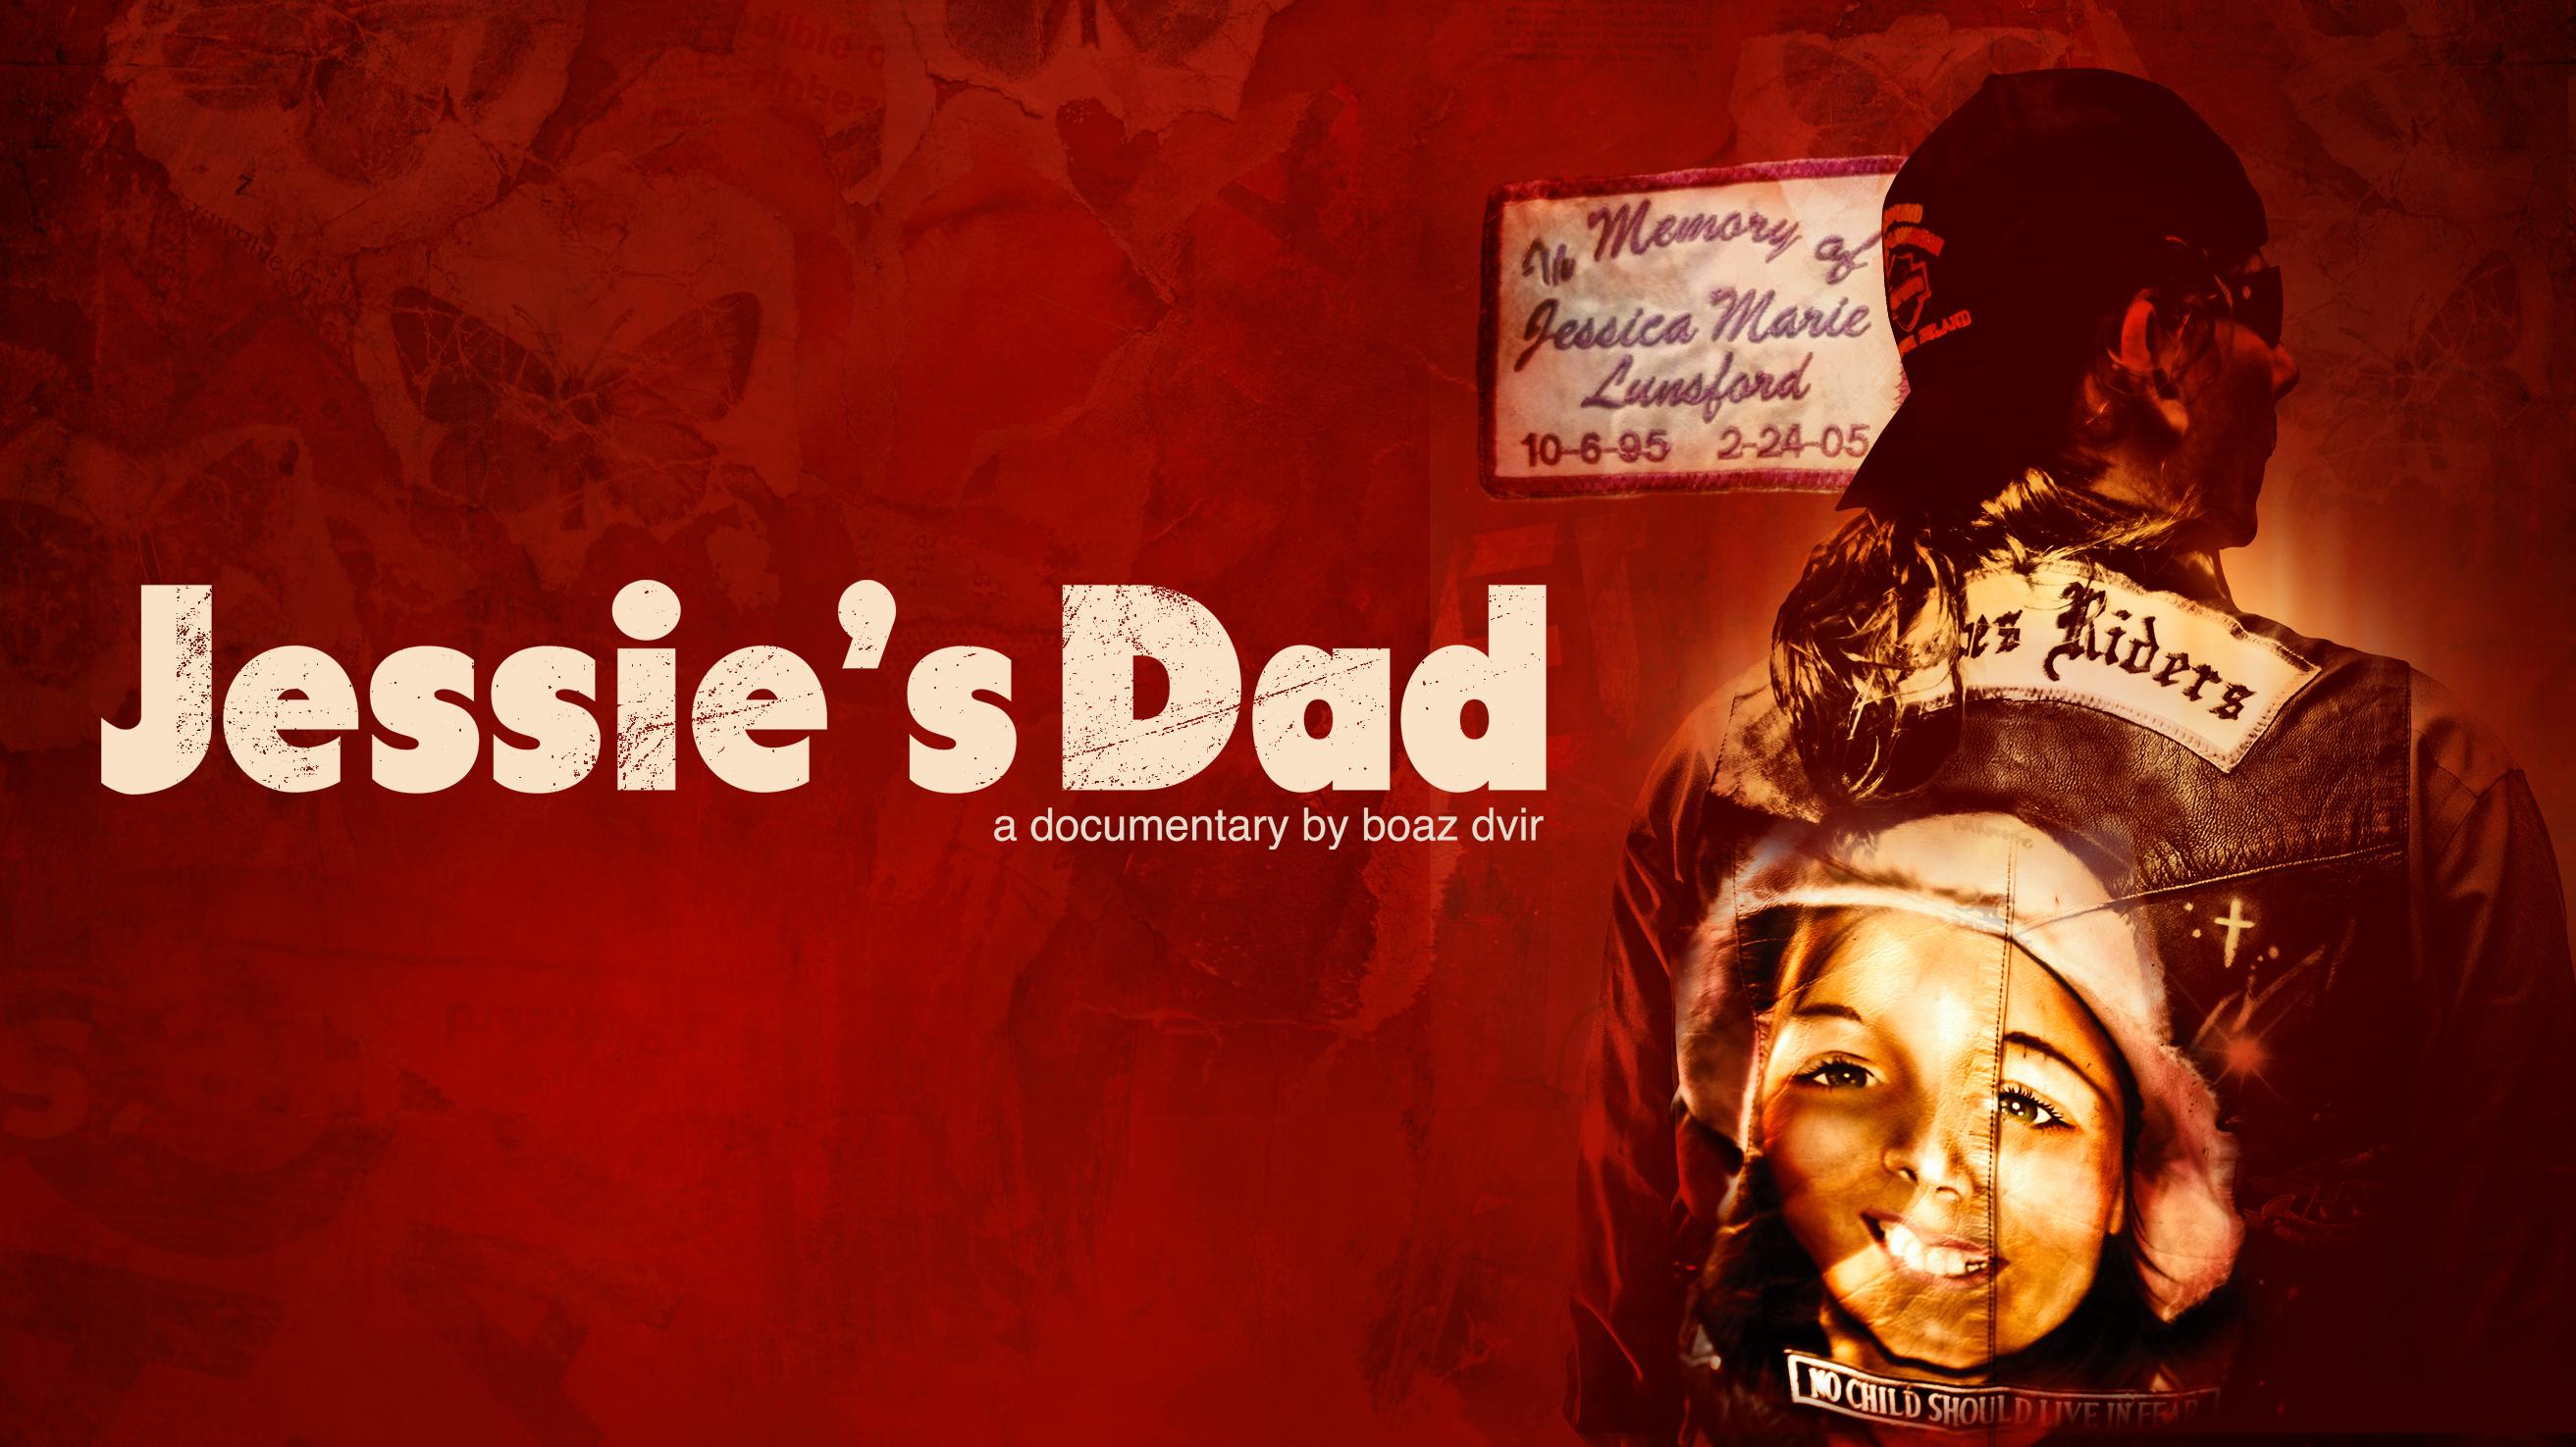 Jessie's Dad